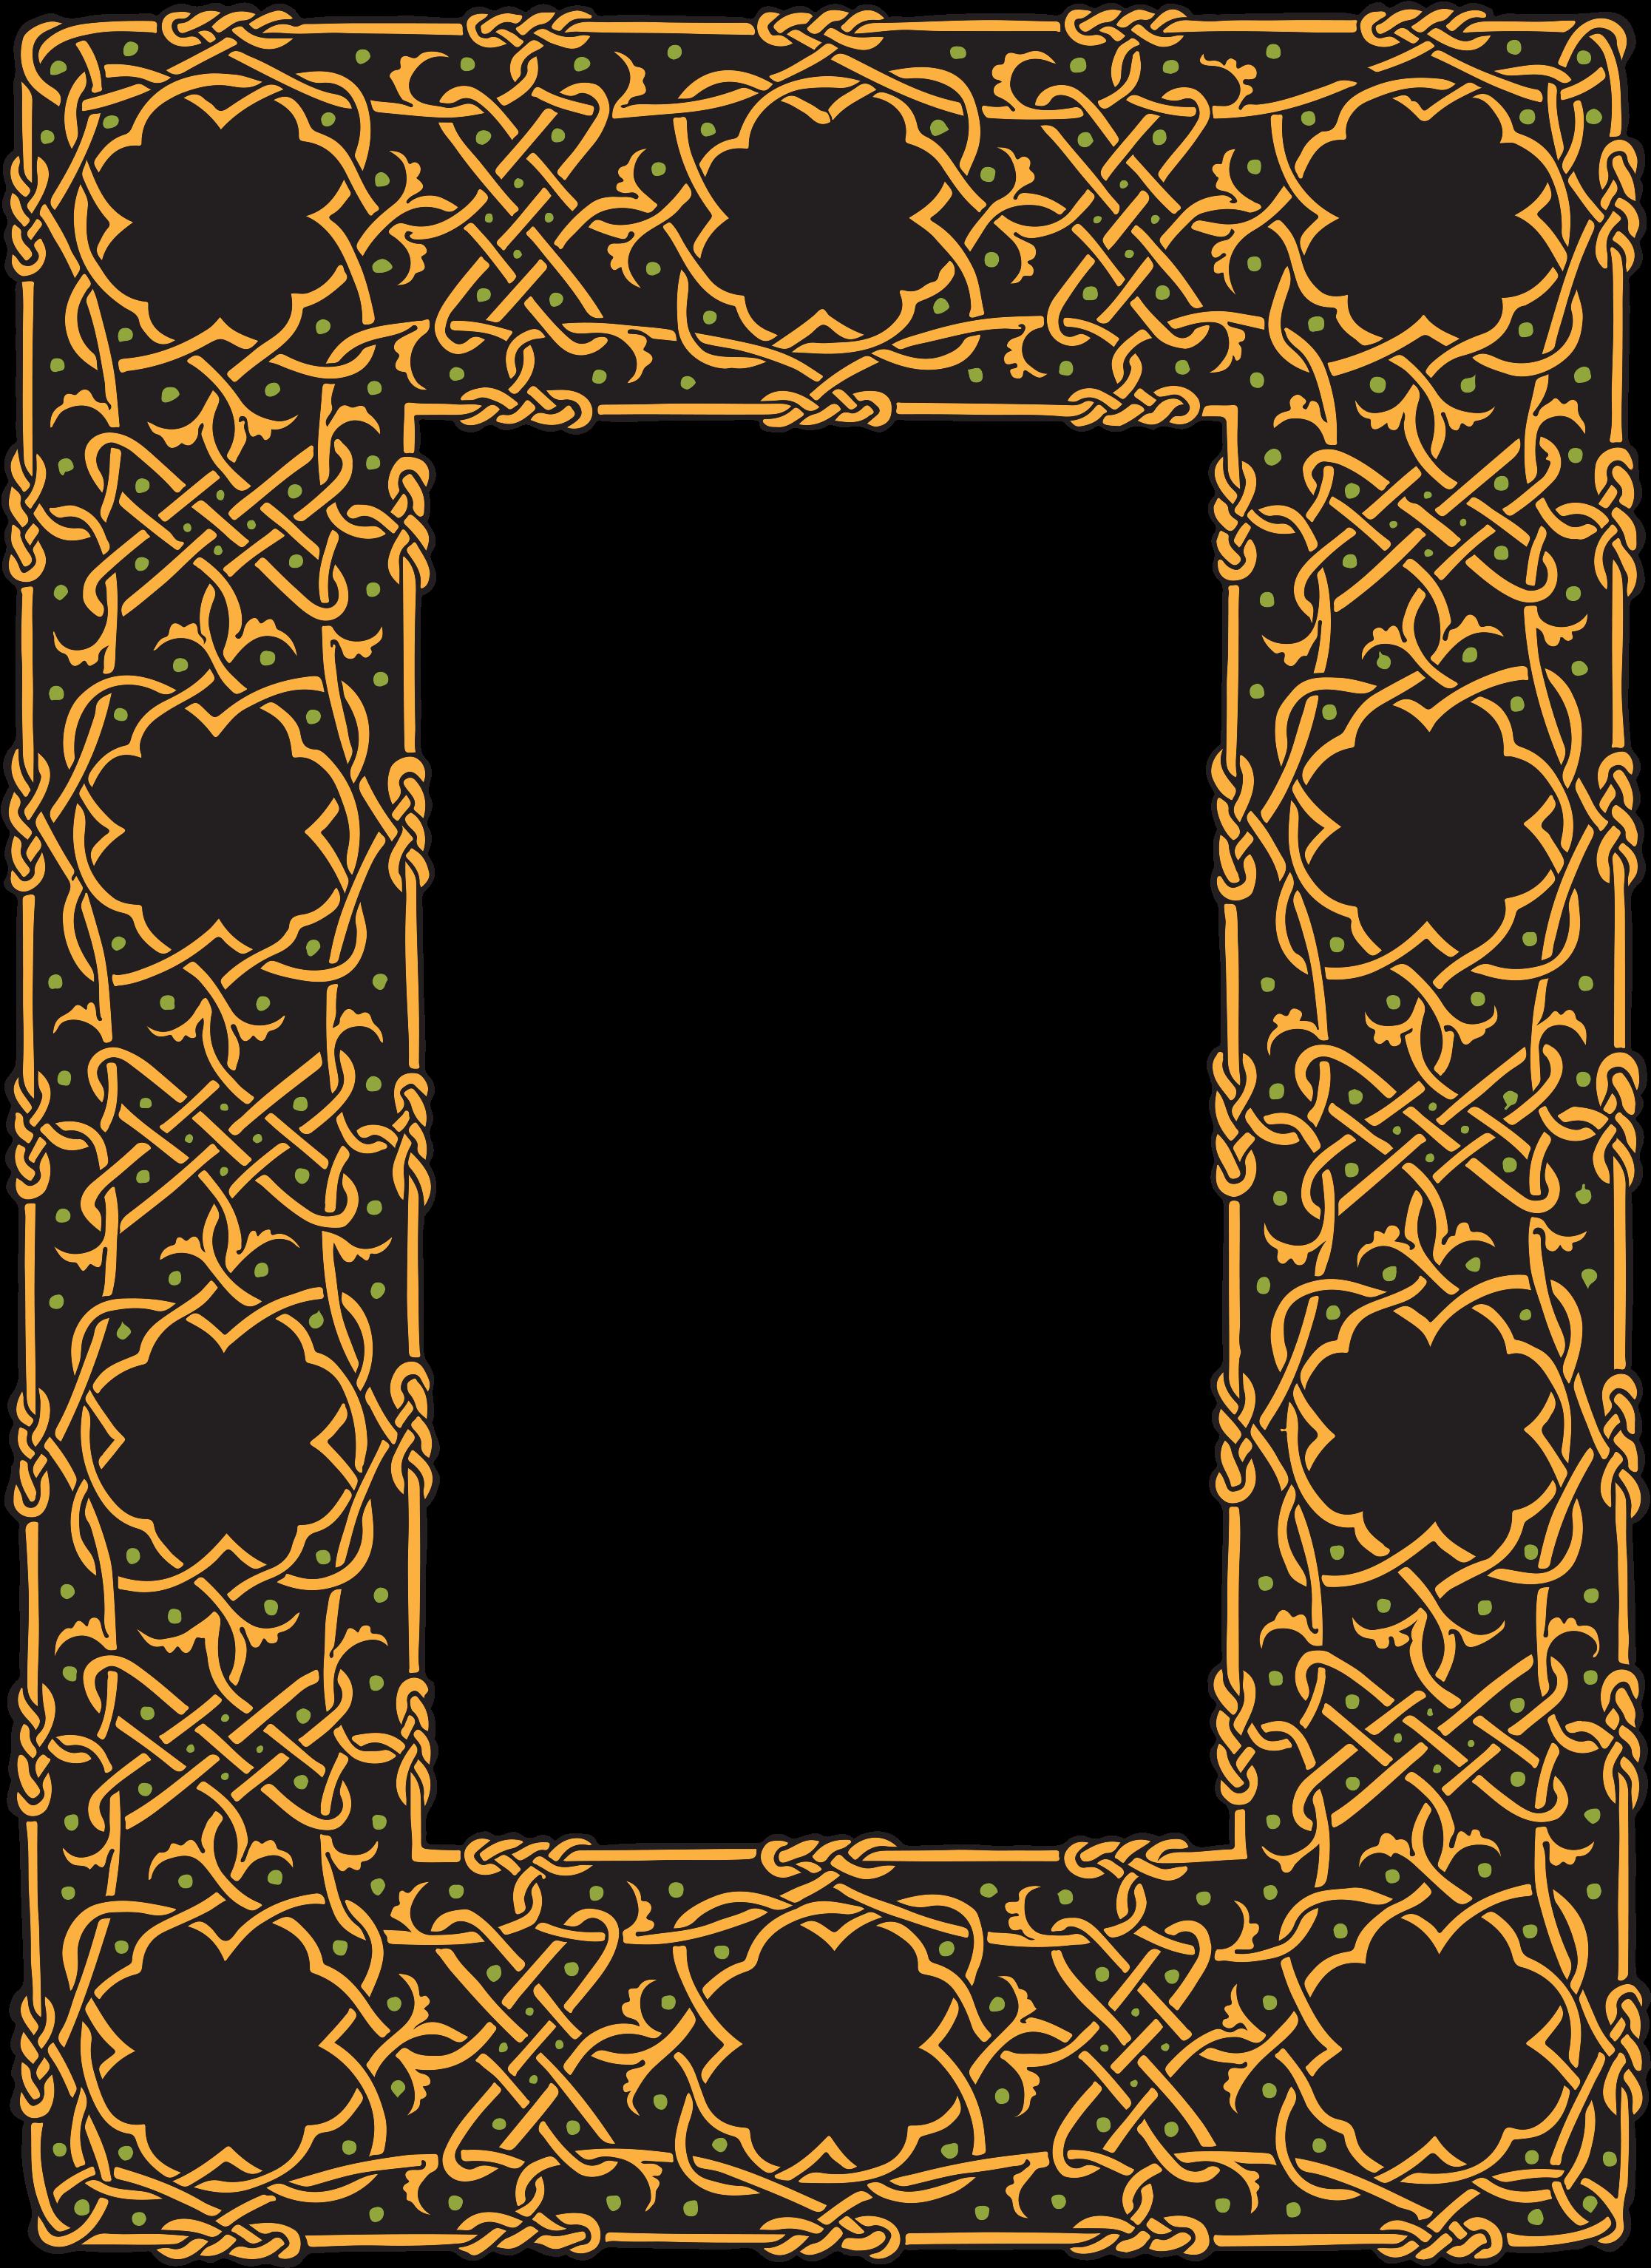 арабские рамки для фото качестве